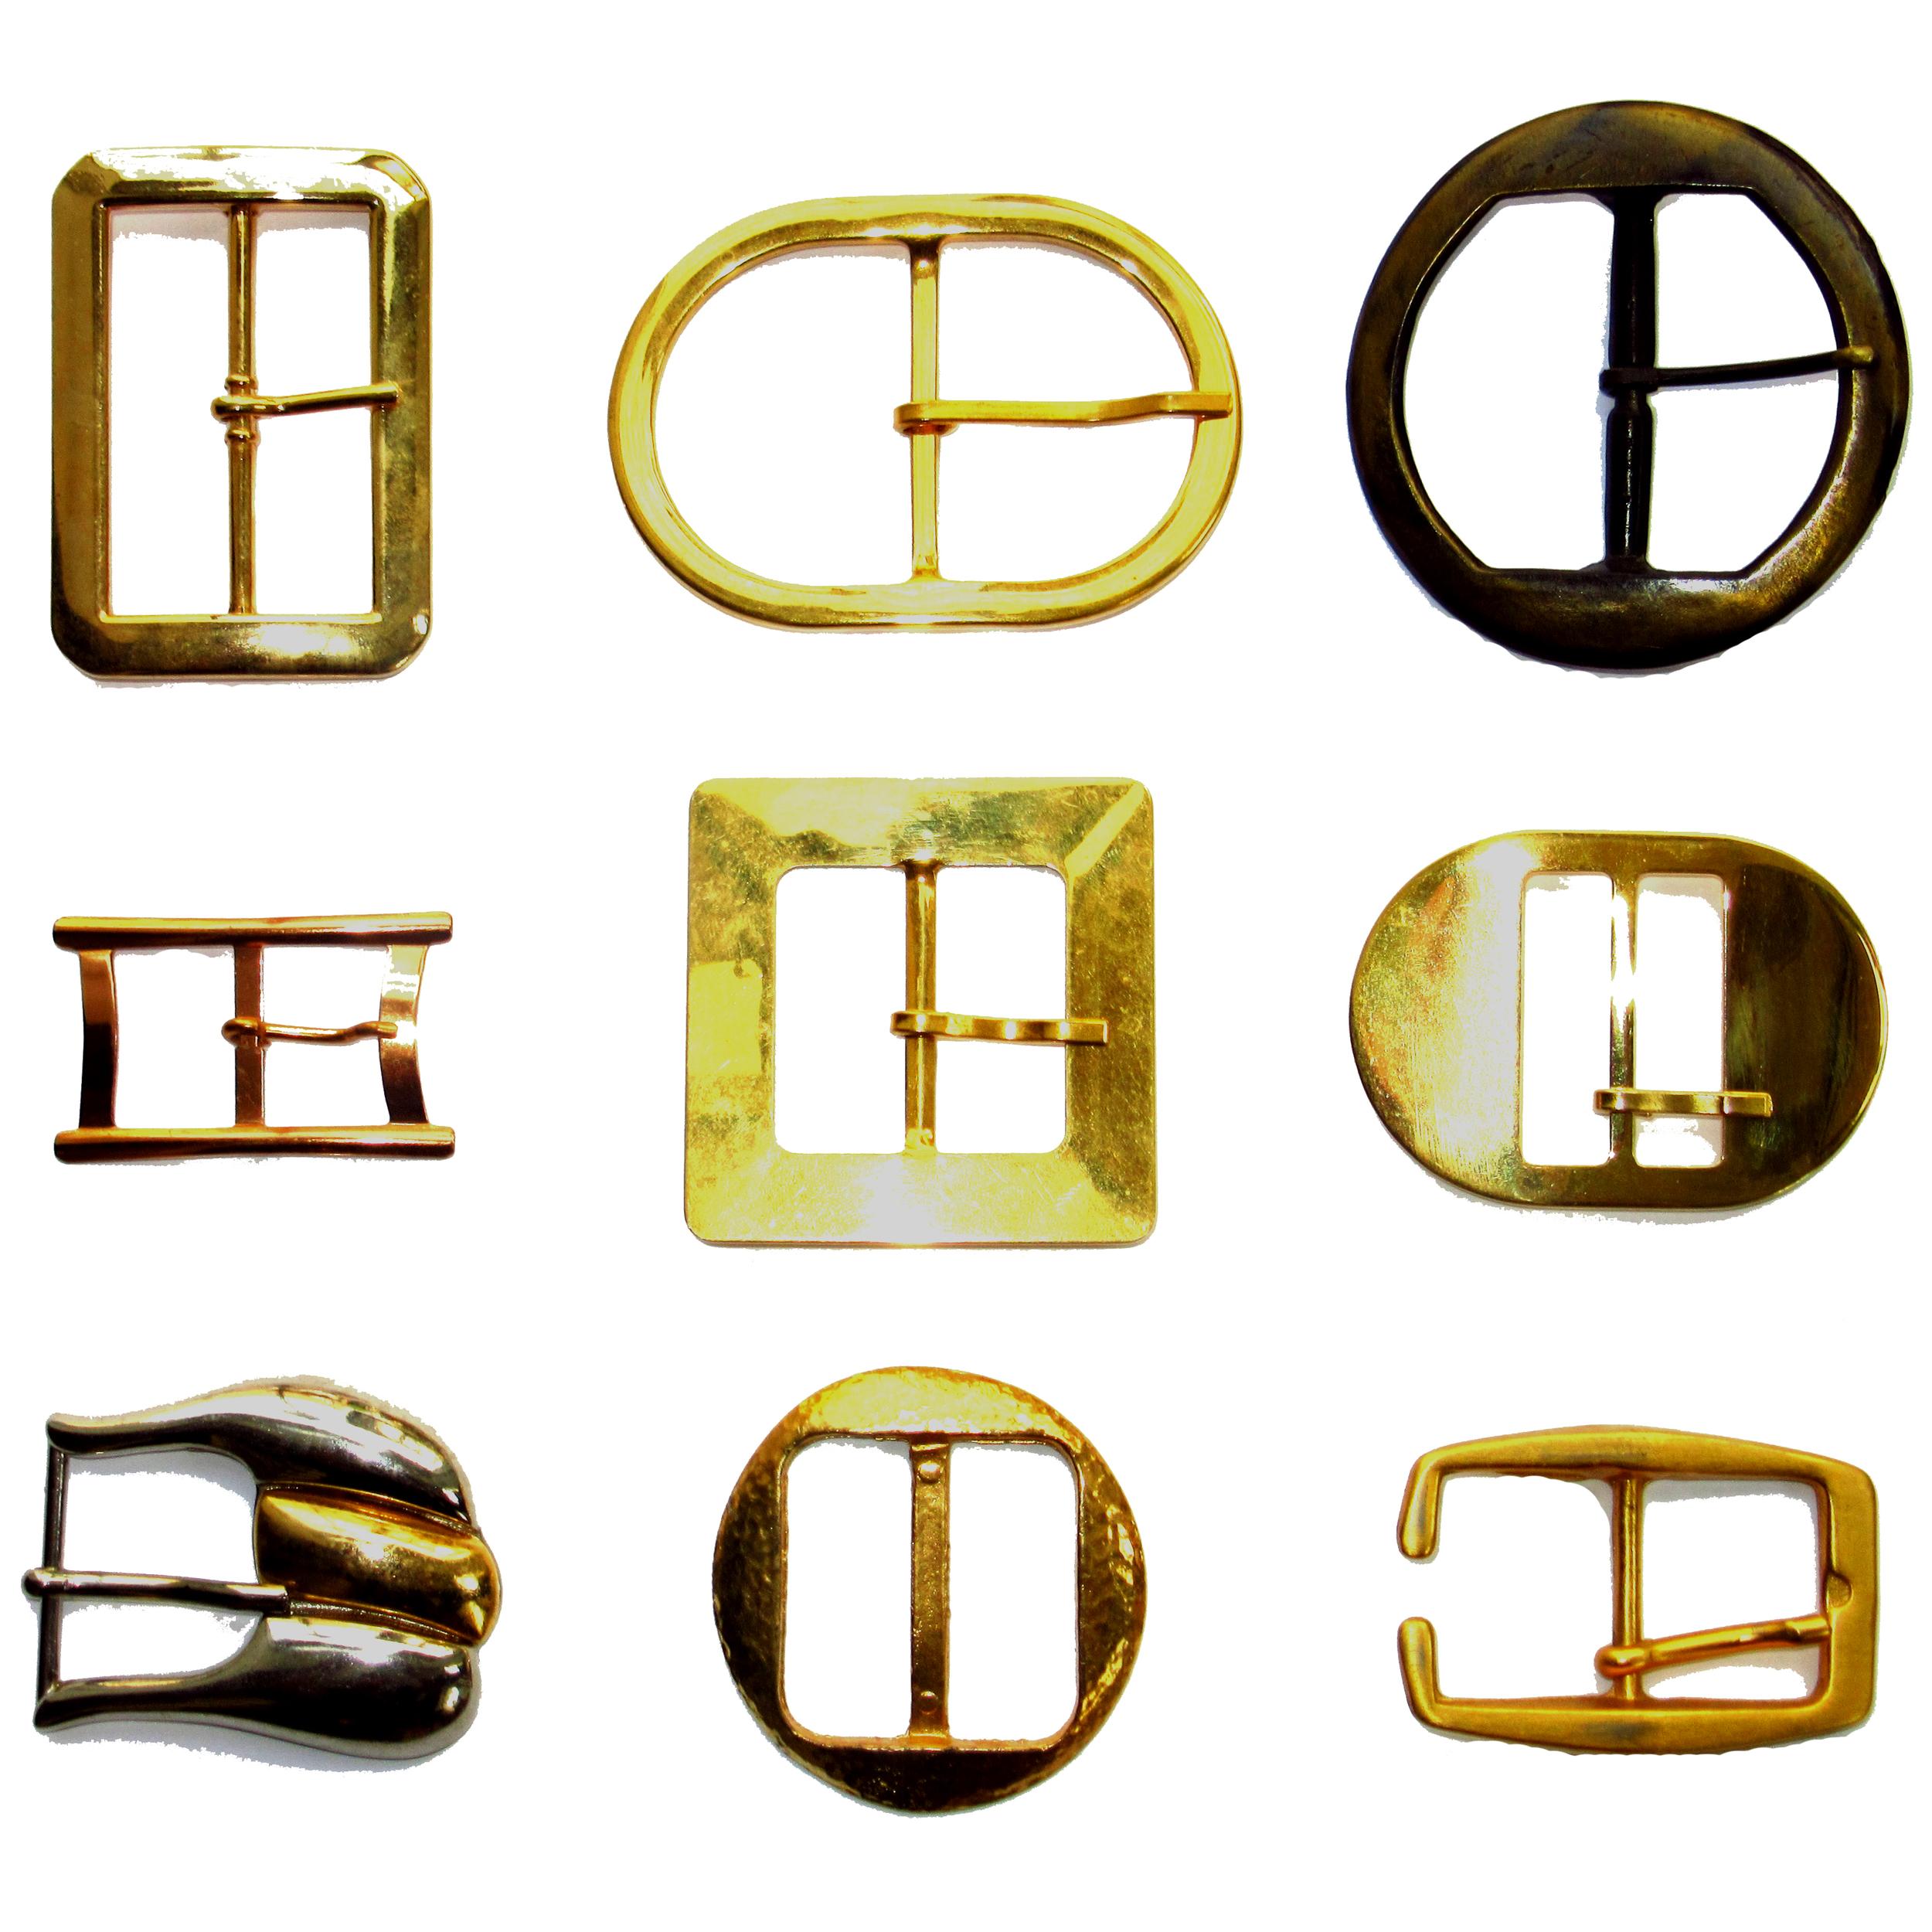 Gold metal belt buckles